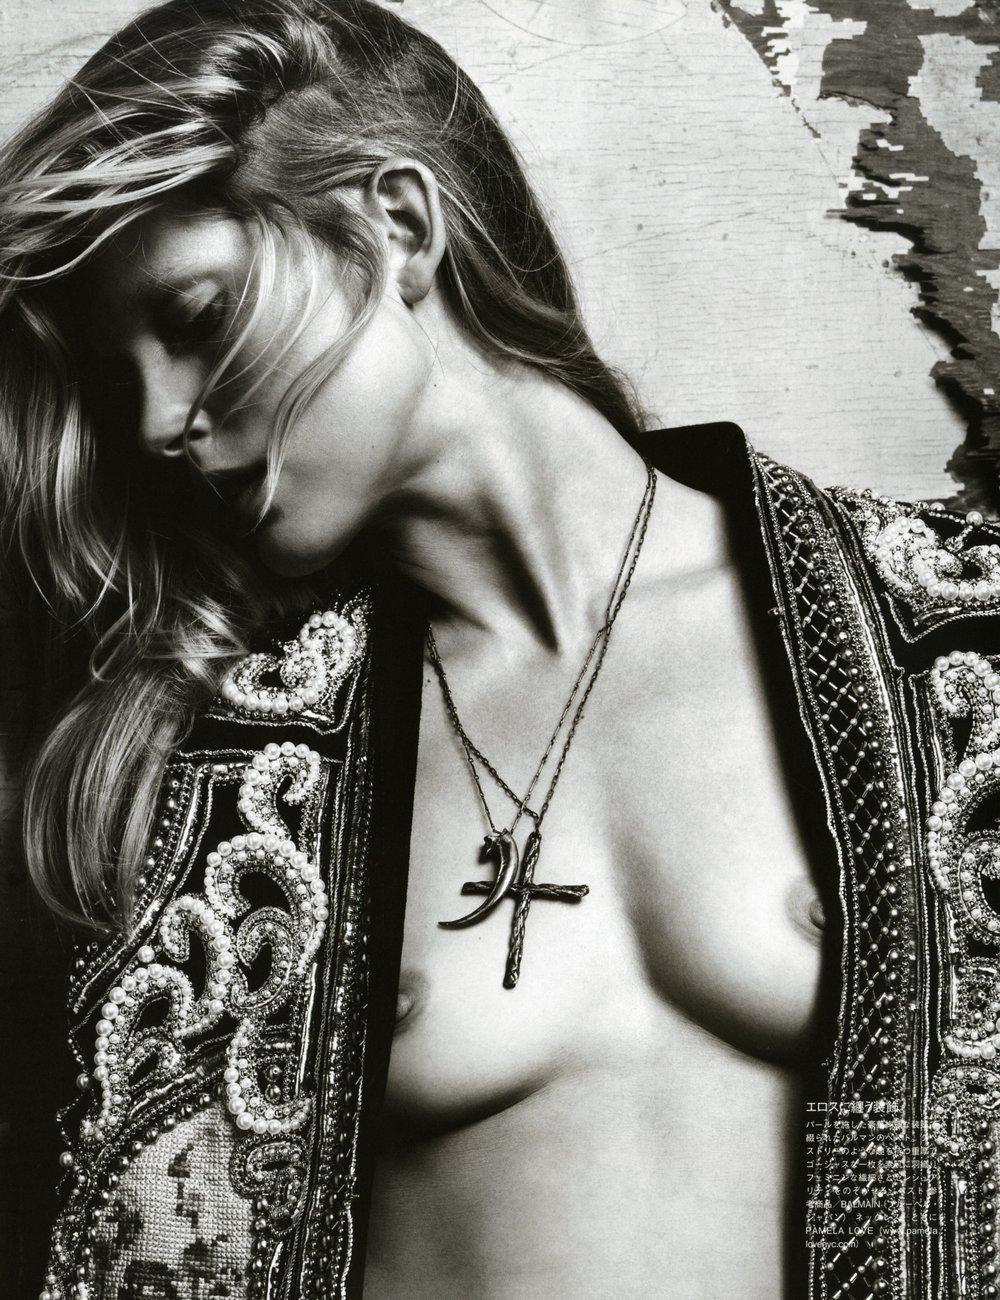 VoguejapanNovember2012 (3).jpg